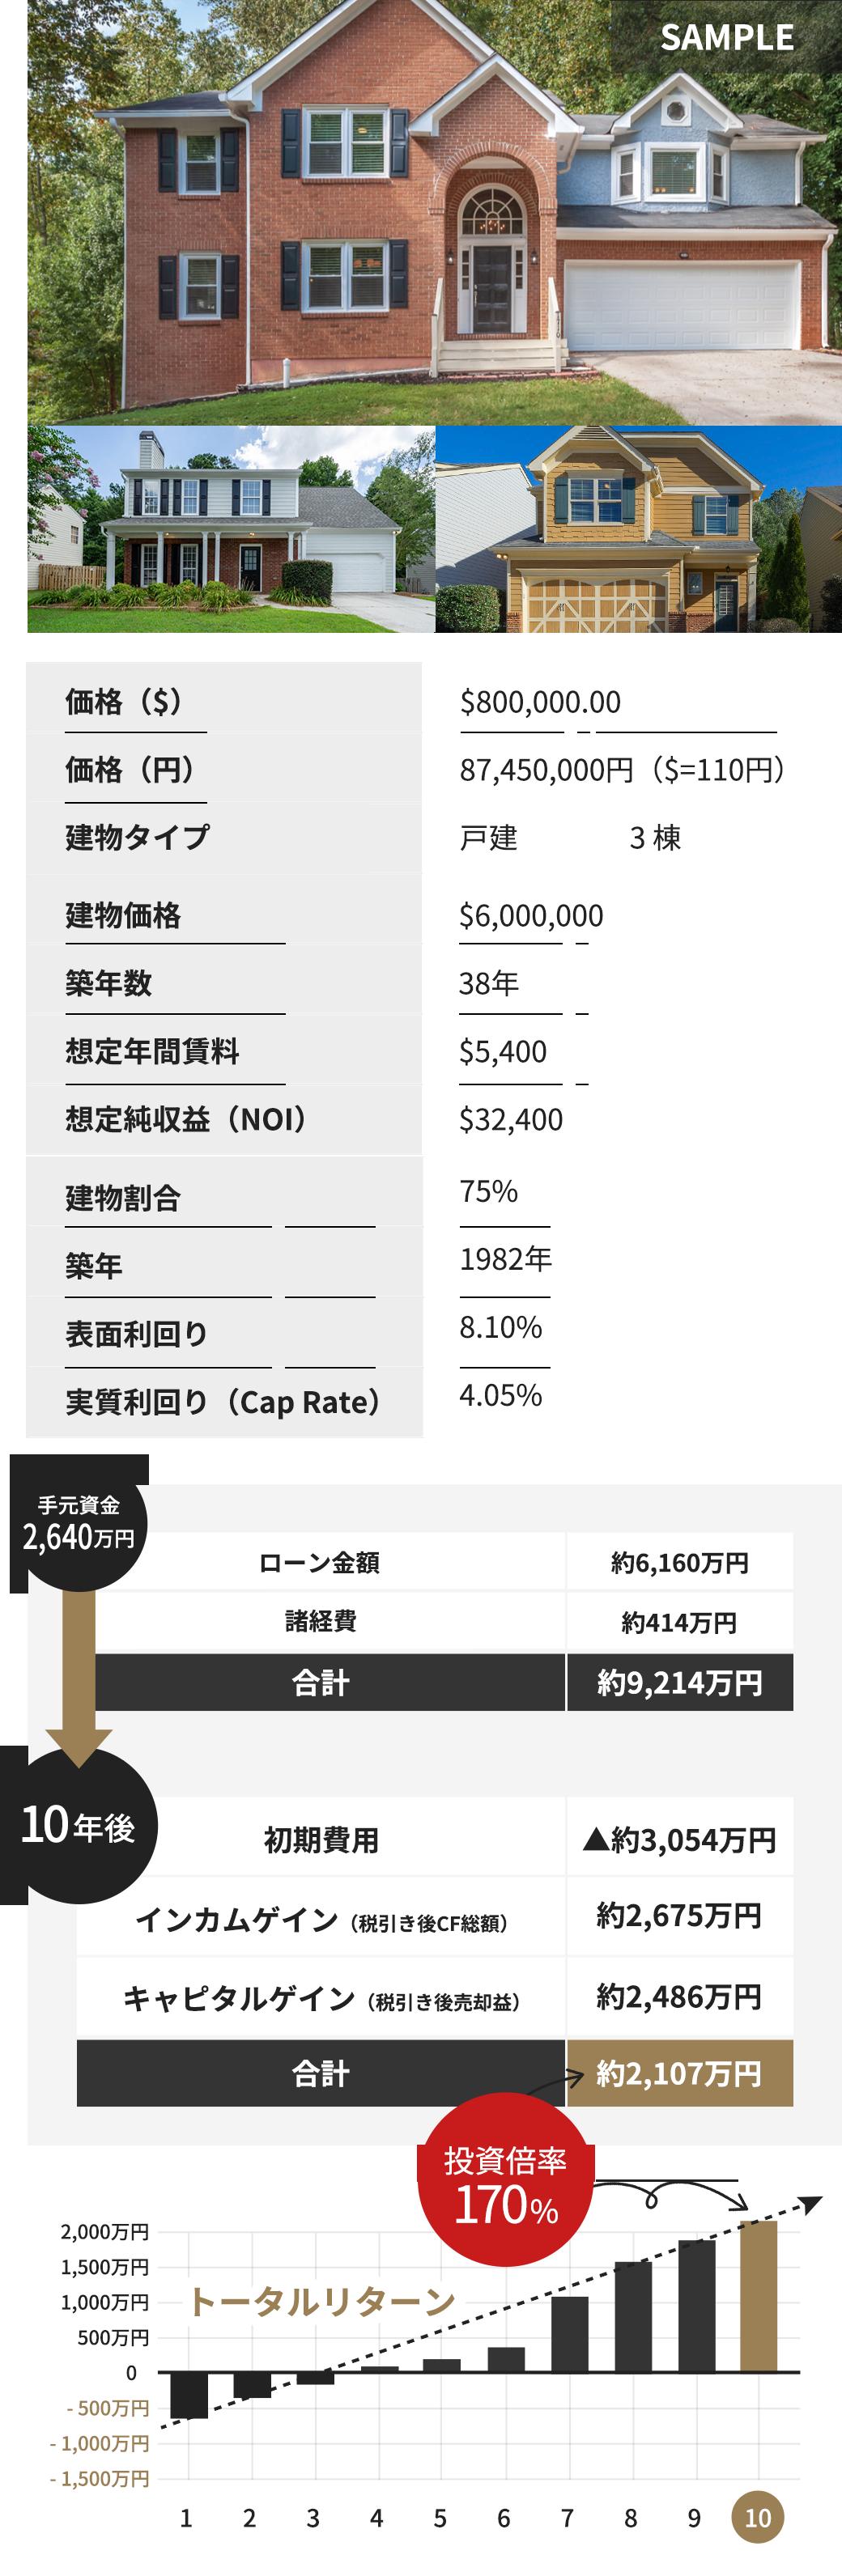 価格($)$800,000.00 価格(円)87,450,000円($=110円) 建物タイプ 戸建3棟 建物価格$6,000,000 建物割合75% 築年数38年 築年1982年 想定年間賃料$5,400 表面利回り8.10% 想定純収益(NOI)$32,400 実質利回り(Cap Rate)4.05% 手元資金2,640万円 ローン金額約6,160万円 諸経費約414万円 合計9,214万円→10年後 初期費用▲ 約3,054万円 インカムゲイン(税引き後CF総額)約2,675万円 キャピタルゲイン(税引き後売却益)約2,486万円 合計2,107万円 投資倍率170% トータルリターン 2,000万円 1,500万円 1,000万円 500万円 0 -500万円 -1,000万円 -1,500万円 1 2 3 4 5 6 7 8 9 10